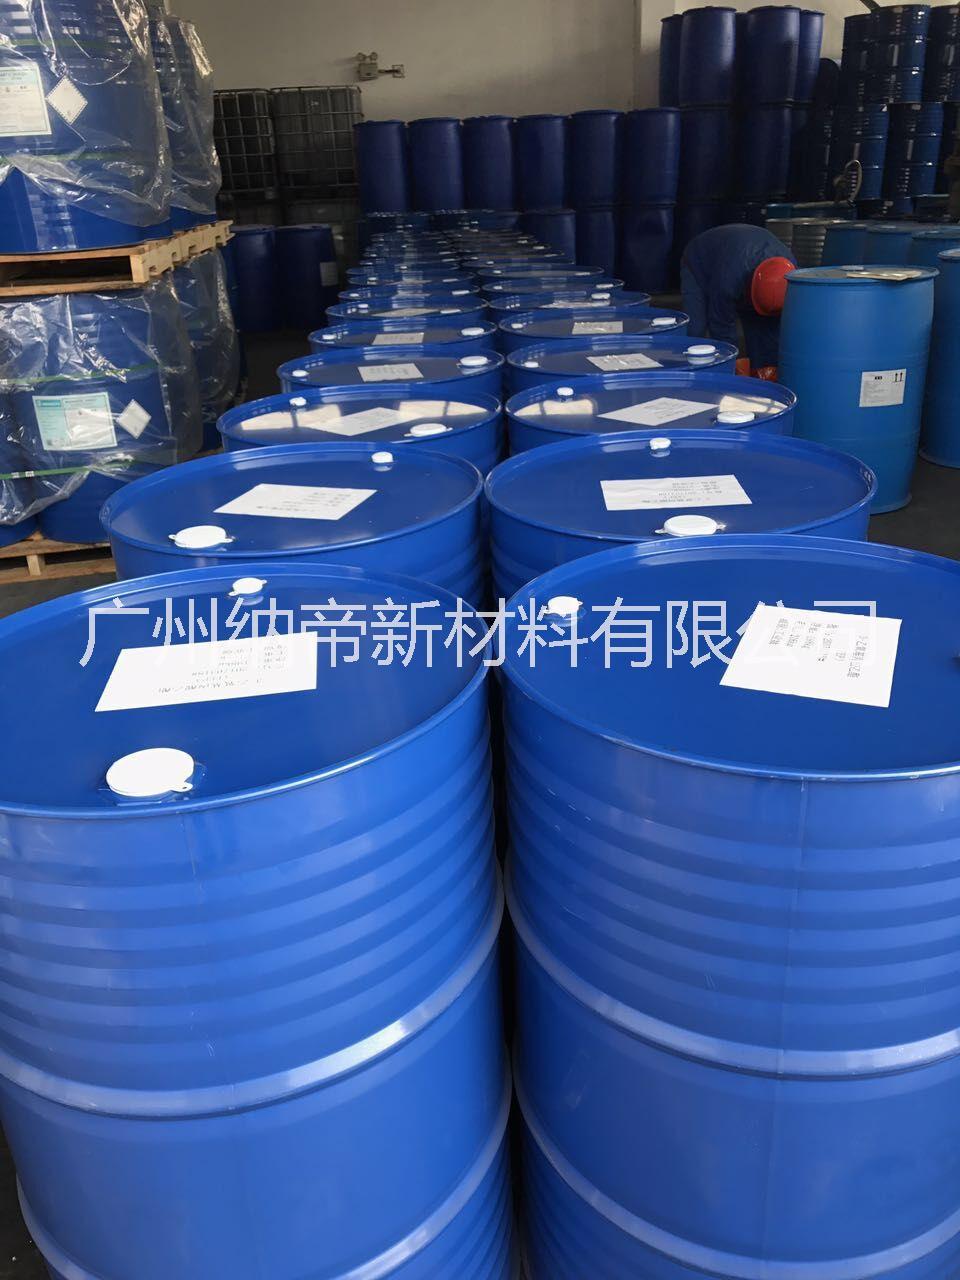 纳帝供应韩国NOROO 6110聚酯树脂 适用面漆 油墨印刷类似于SK-110、TOYOBO-103、